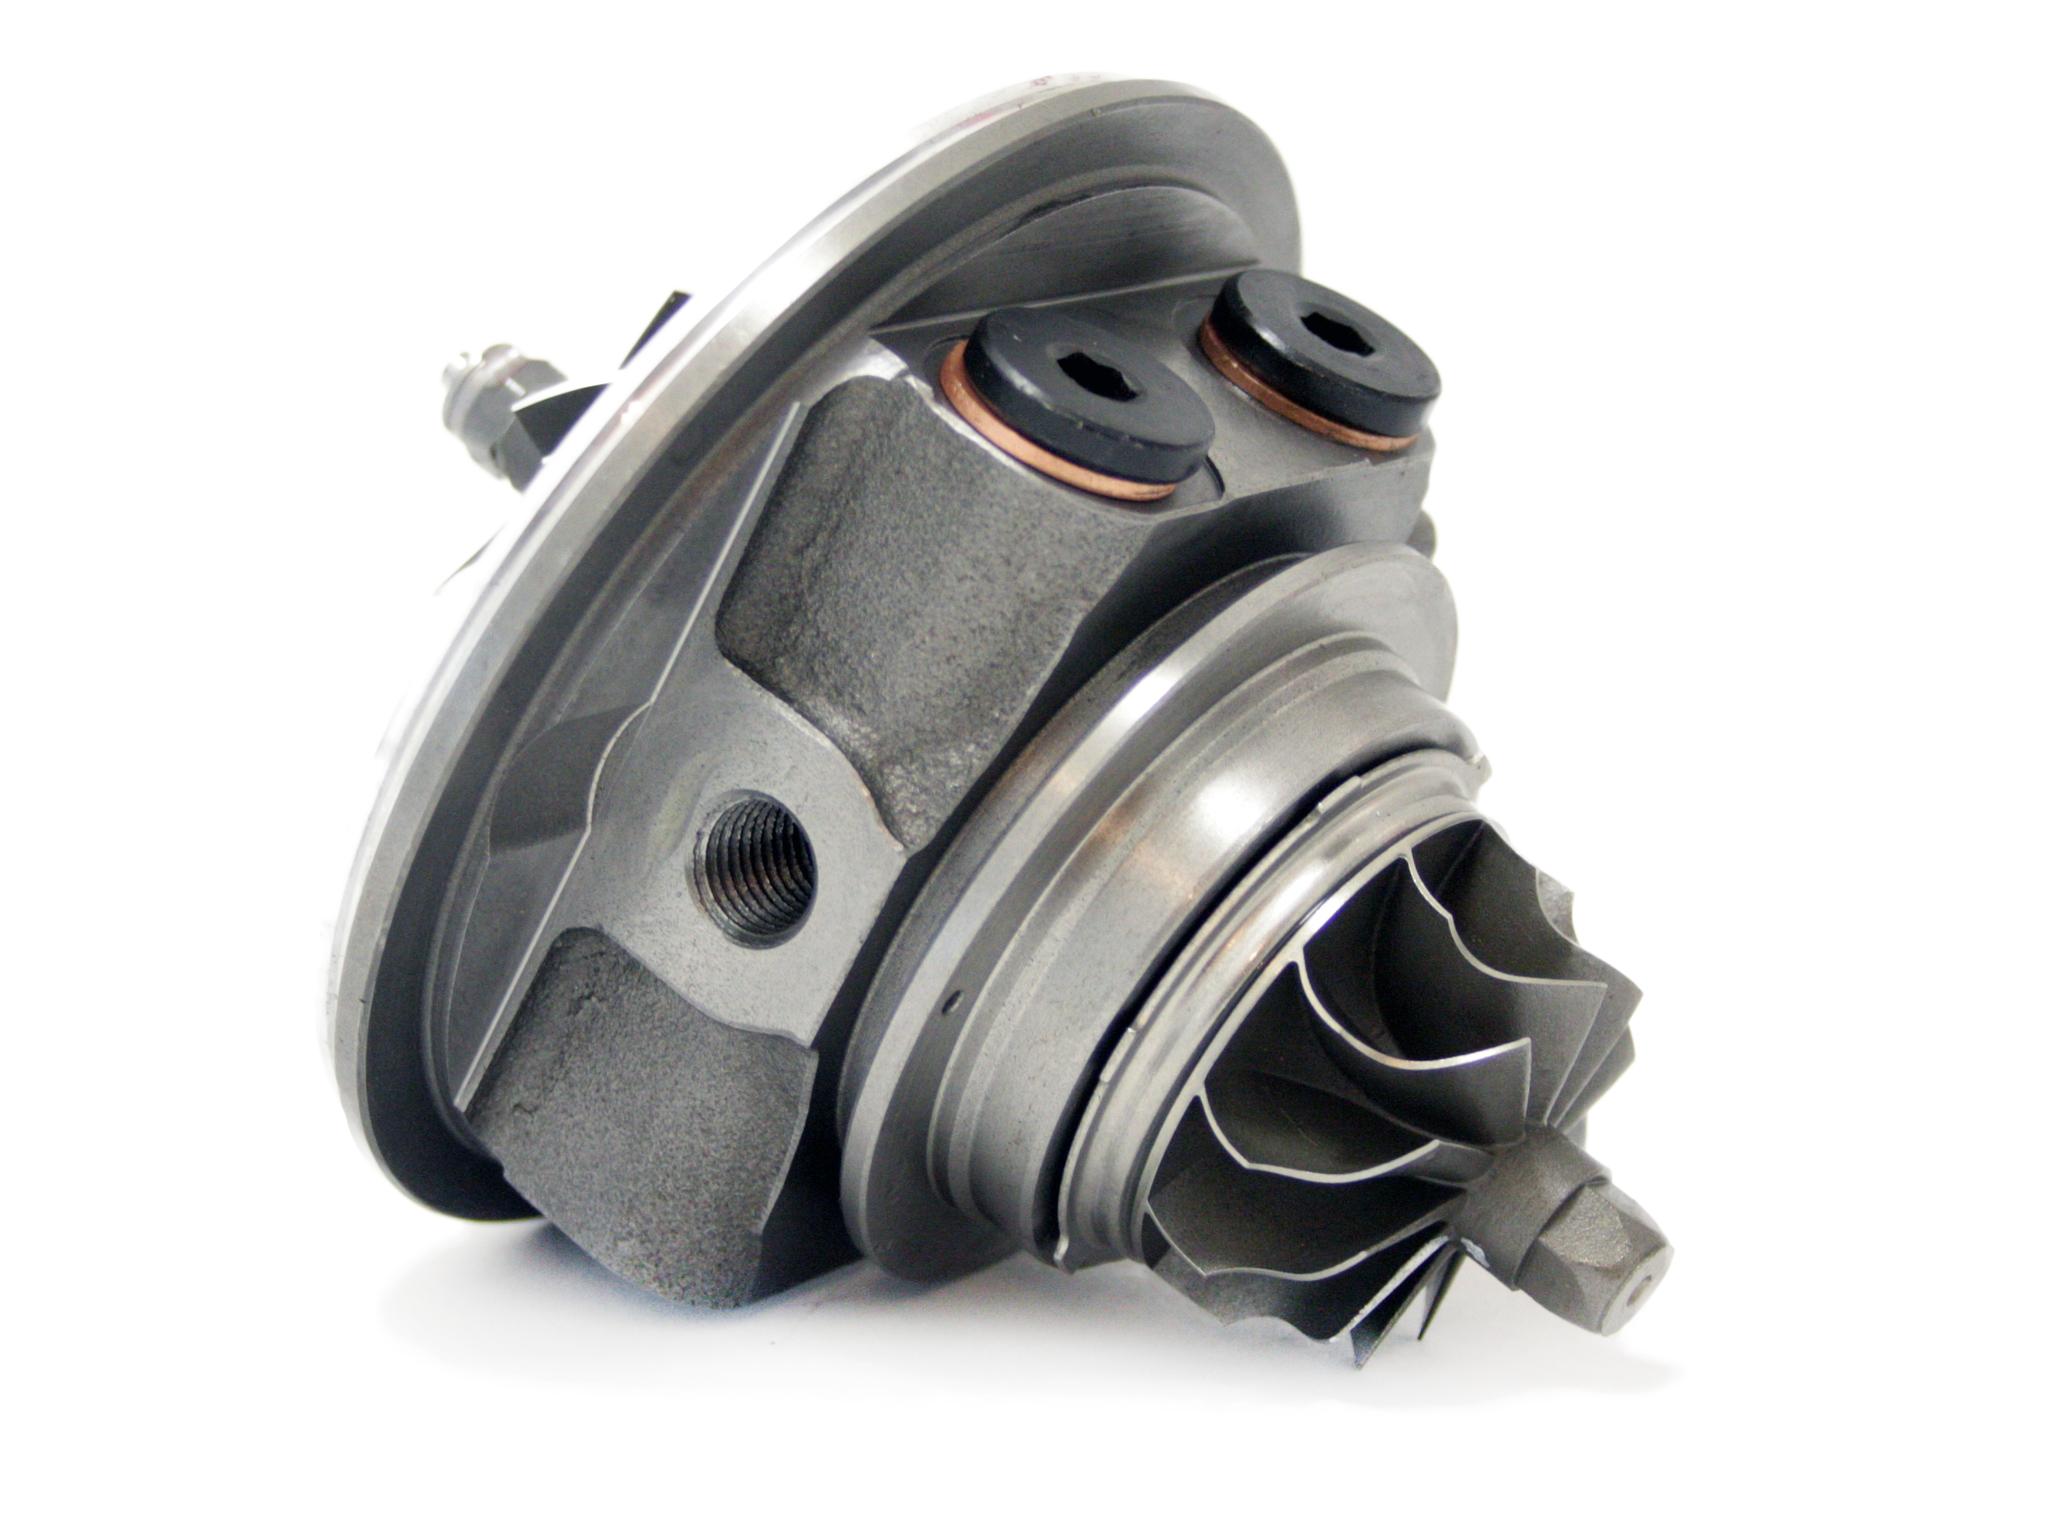 Картридж турбины К03 Фольксваген 1.4 TSI 140-180 л.с.